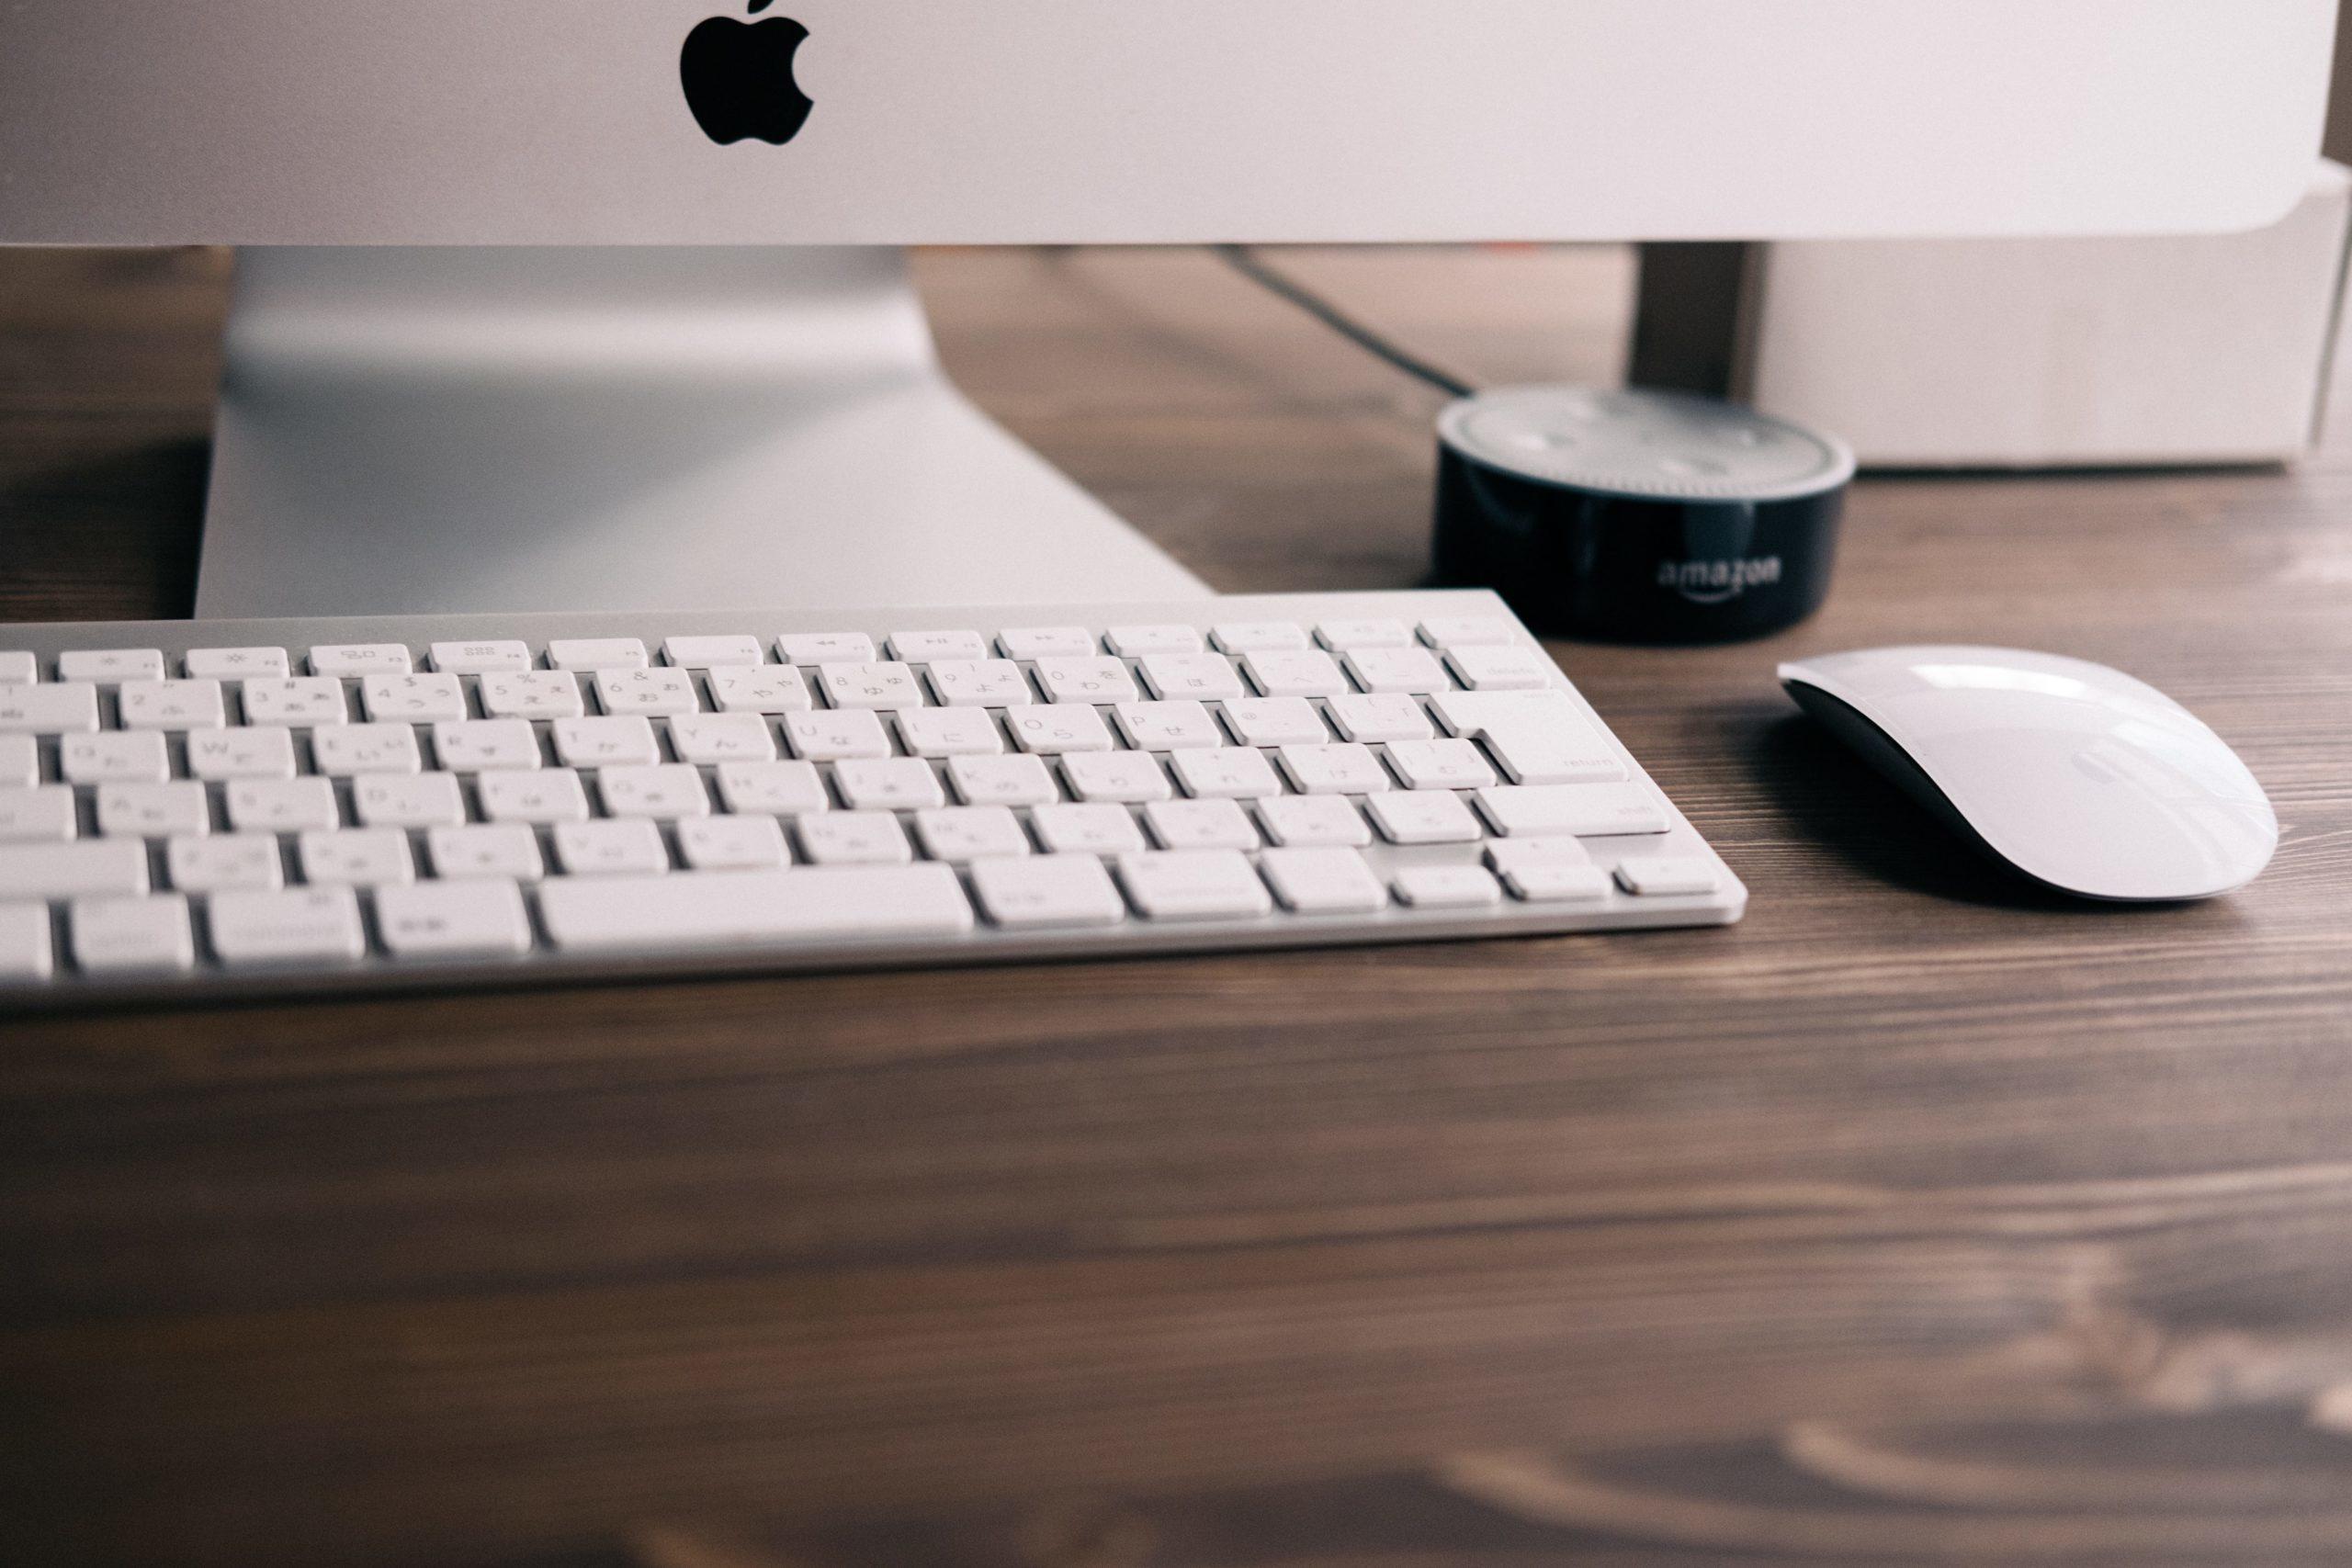 Verkauf von Apple-Produkten exklusiv durch Amazon – Ein Kartellrechtsverstoß?